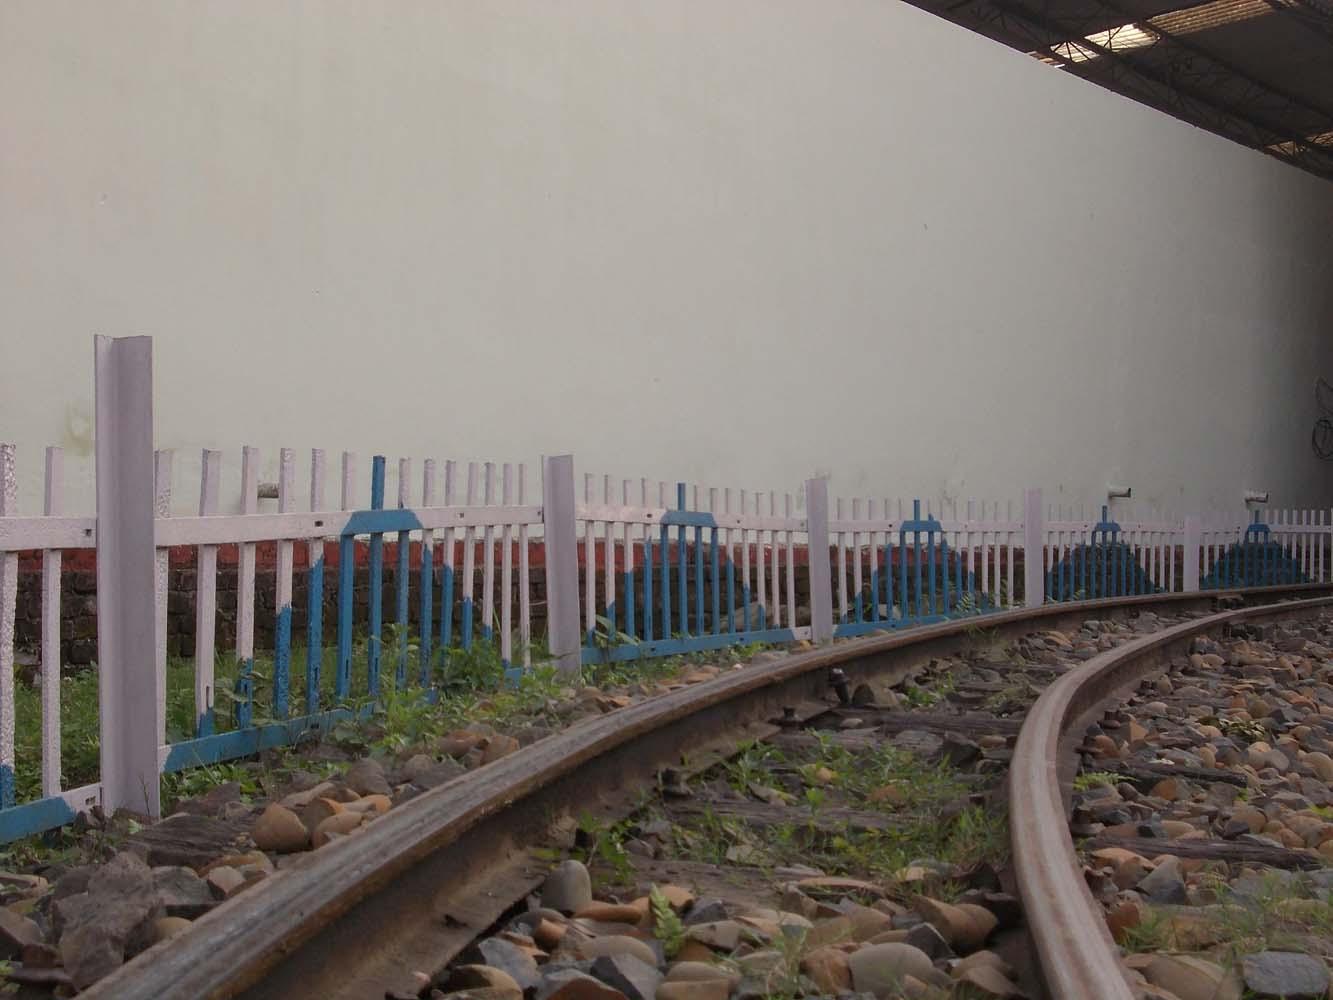 Rail track photo